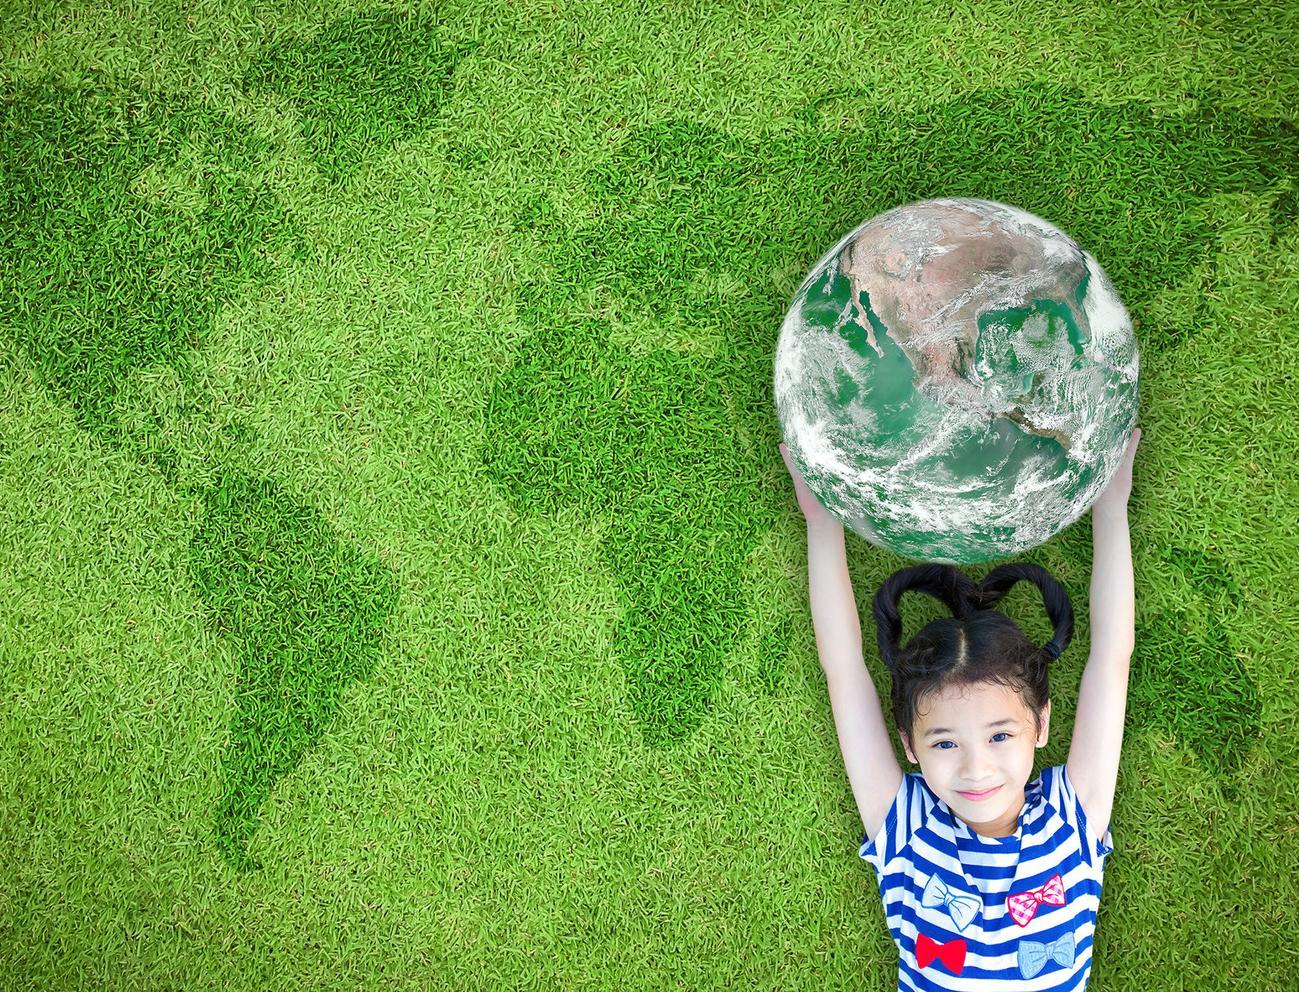 Детям об экологии: игры, книги, мультфильмы